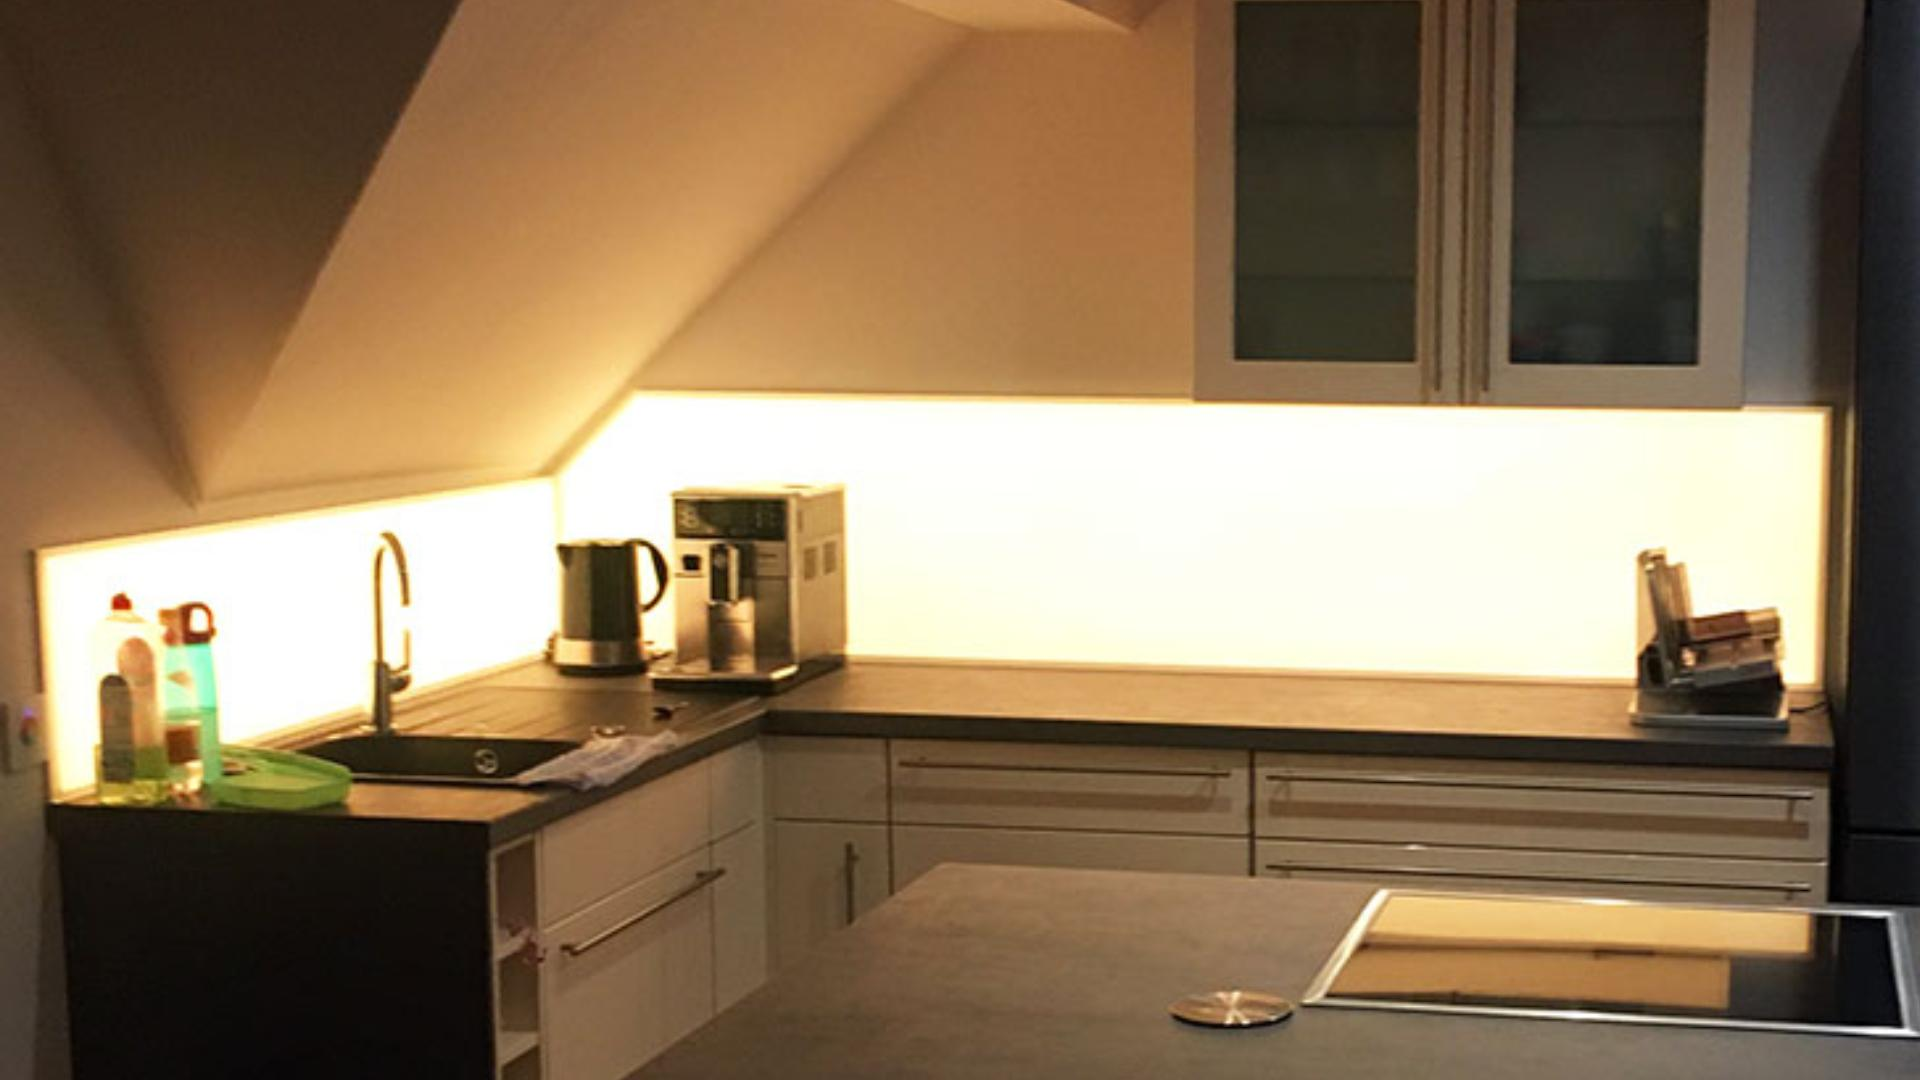 beleuchtete Glasrückwand als Spitzschutz in einer Küche